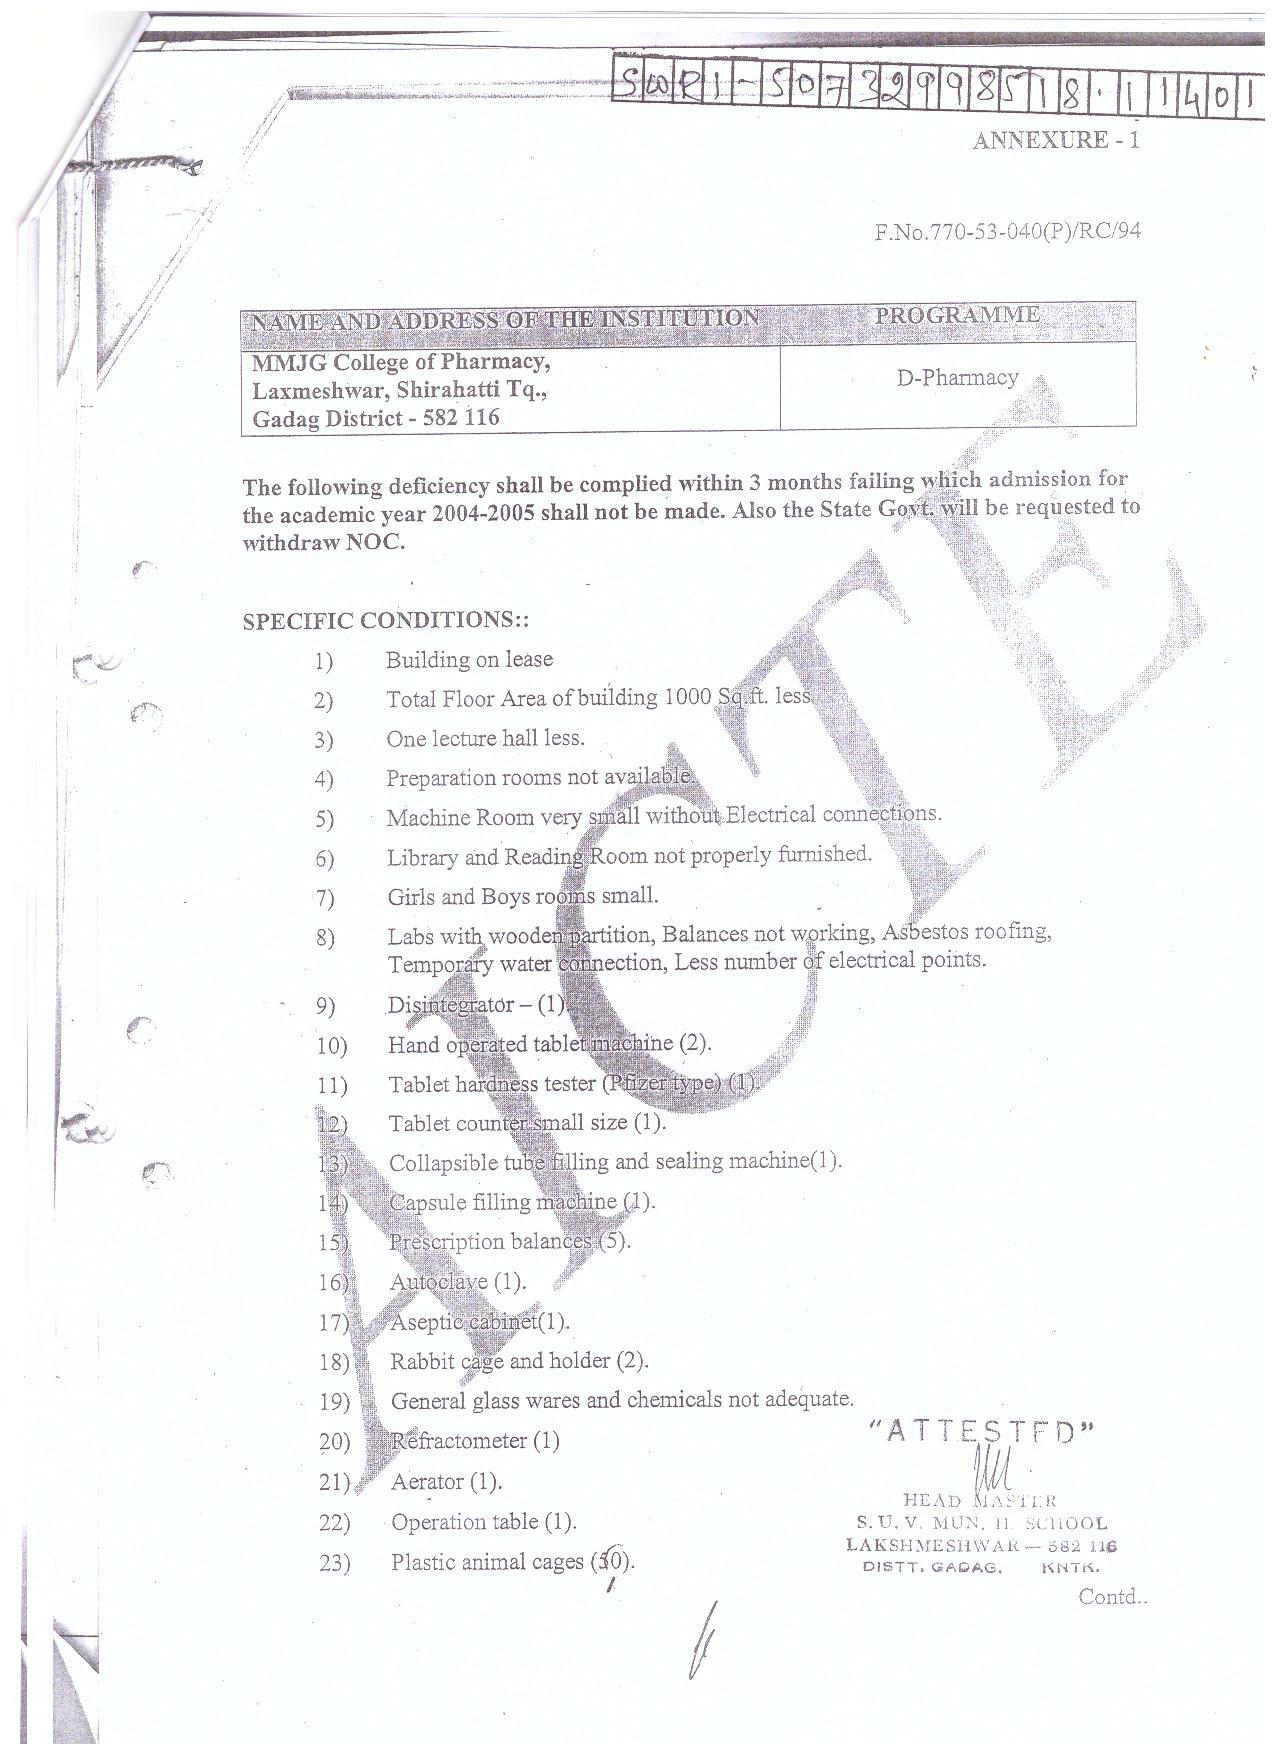 AICTE Approval Copy 2003-2004 (3)